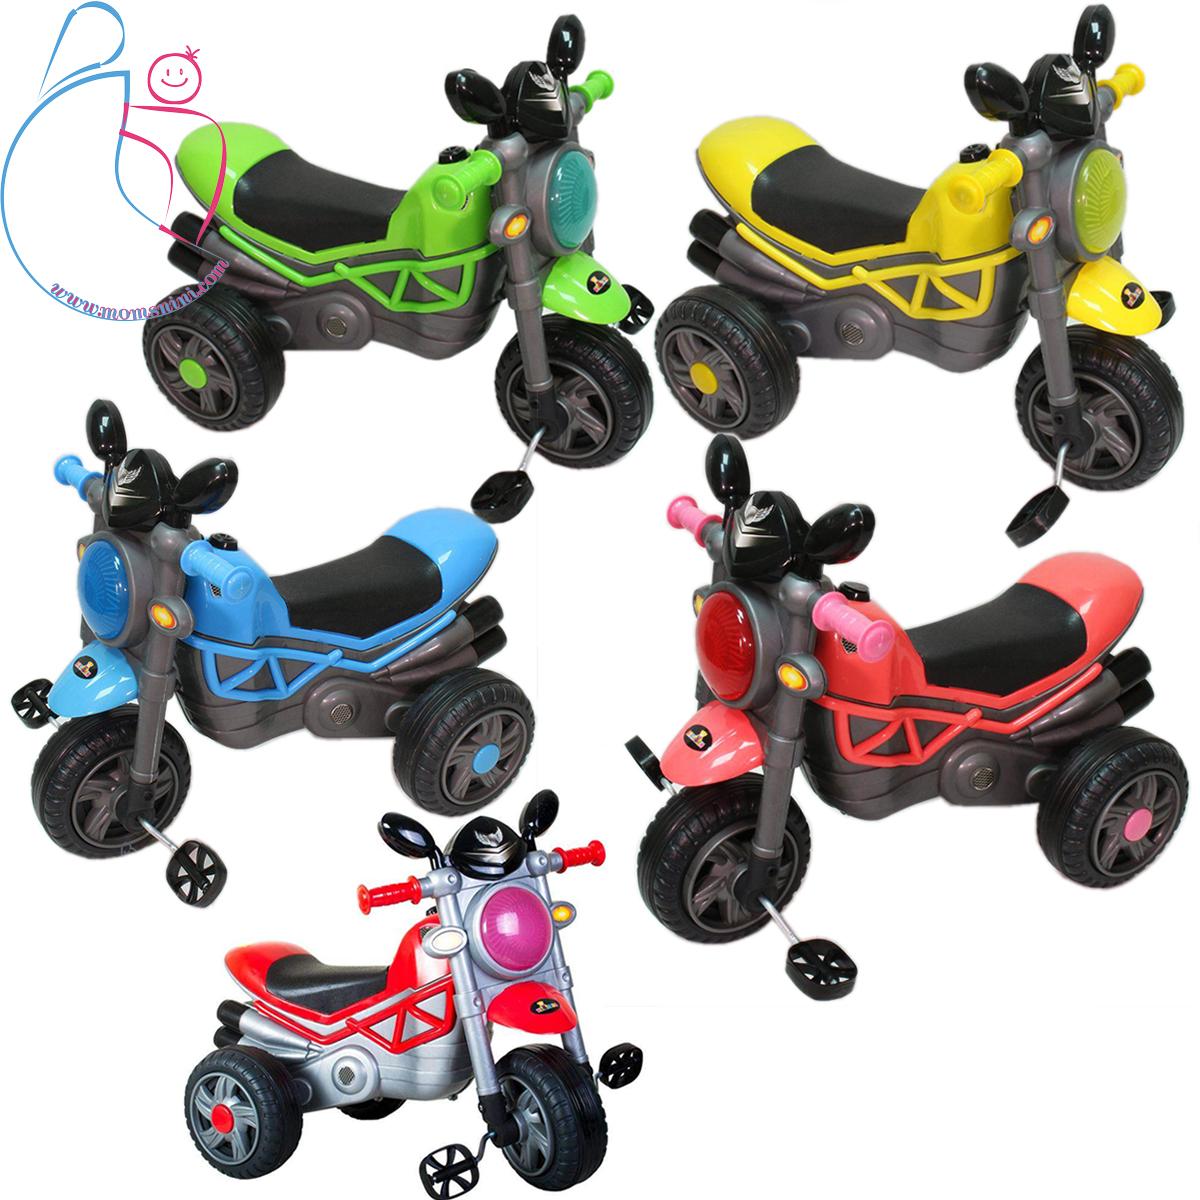 سه چرخه ارابه مدل رکسانا